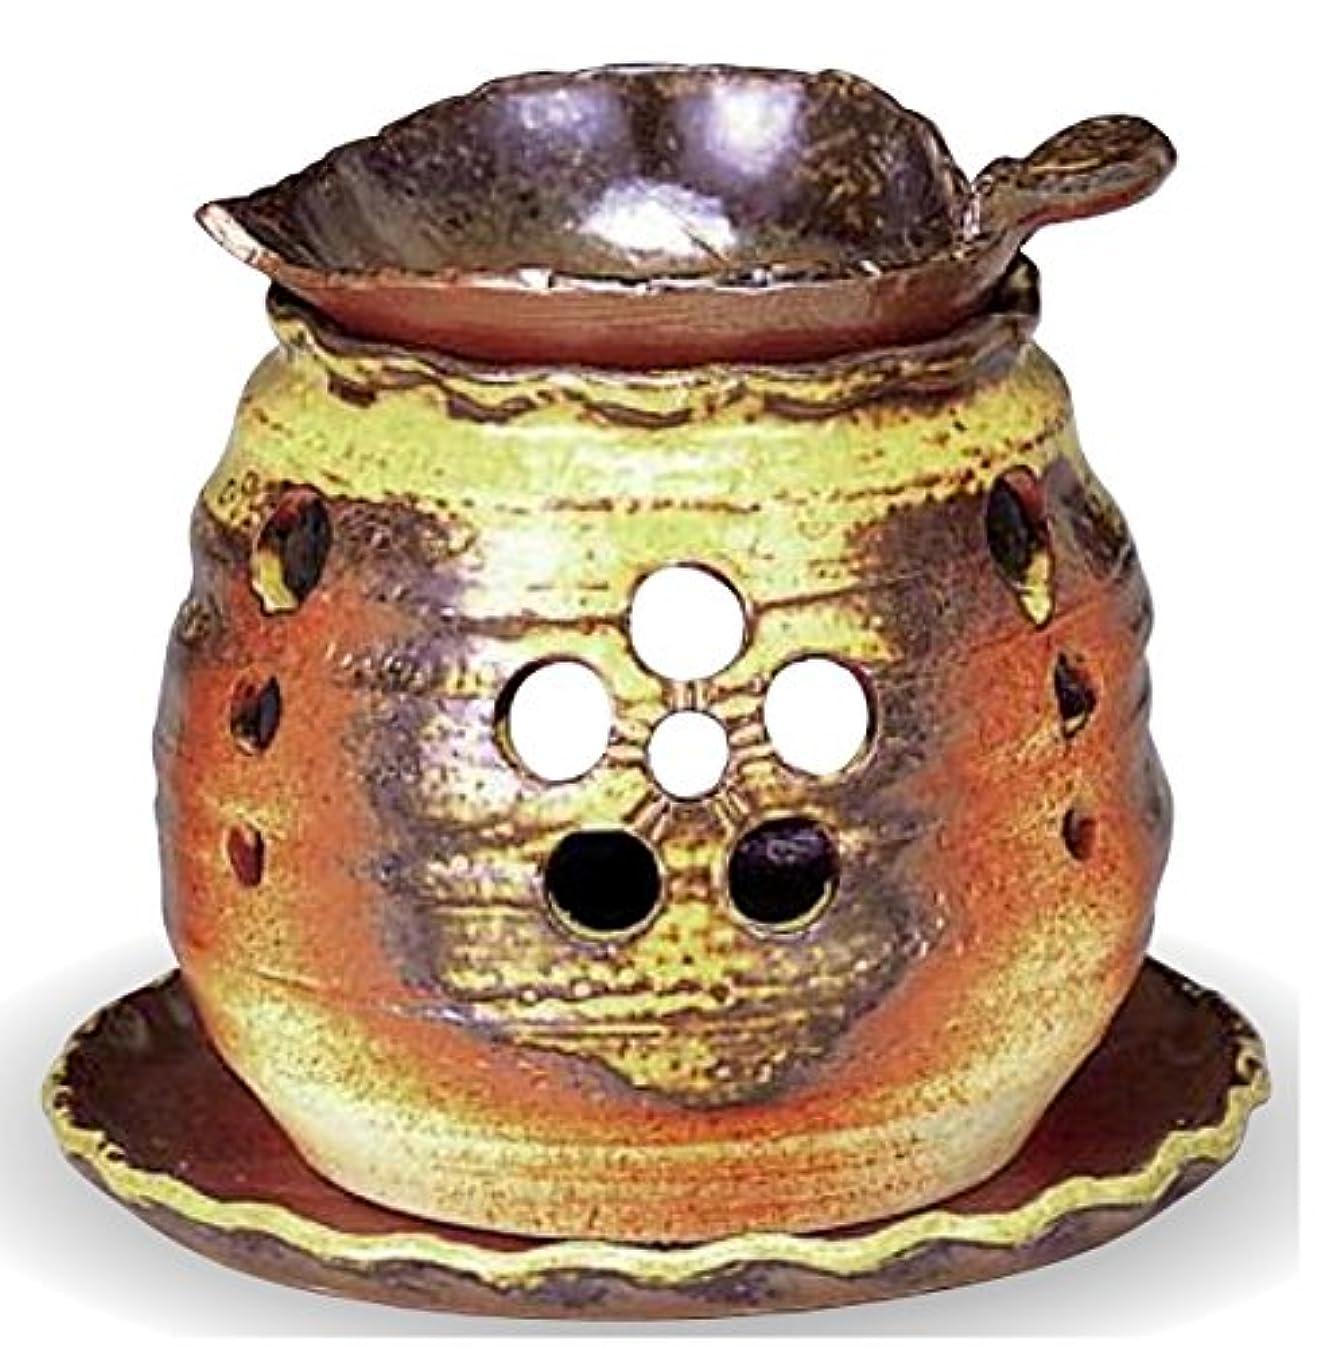 構造艦隊知覚常滑焼 茶香炉(アロマポット)木ノ葉皿 径10×高さ10.5cm